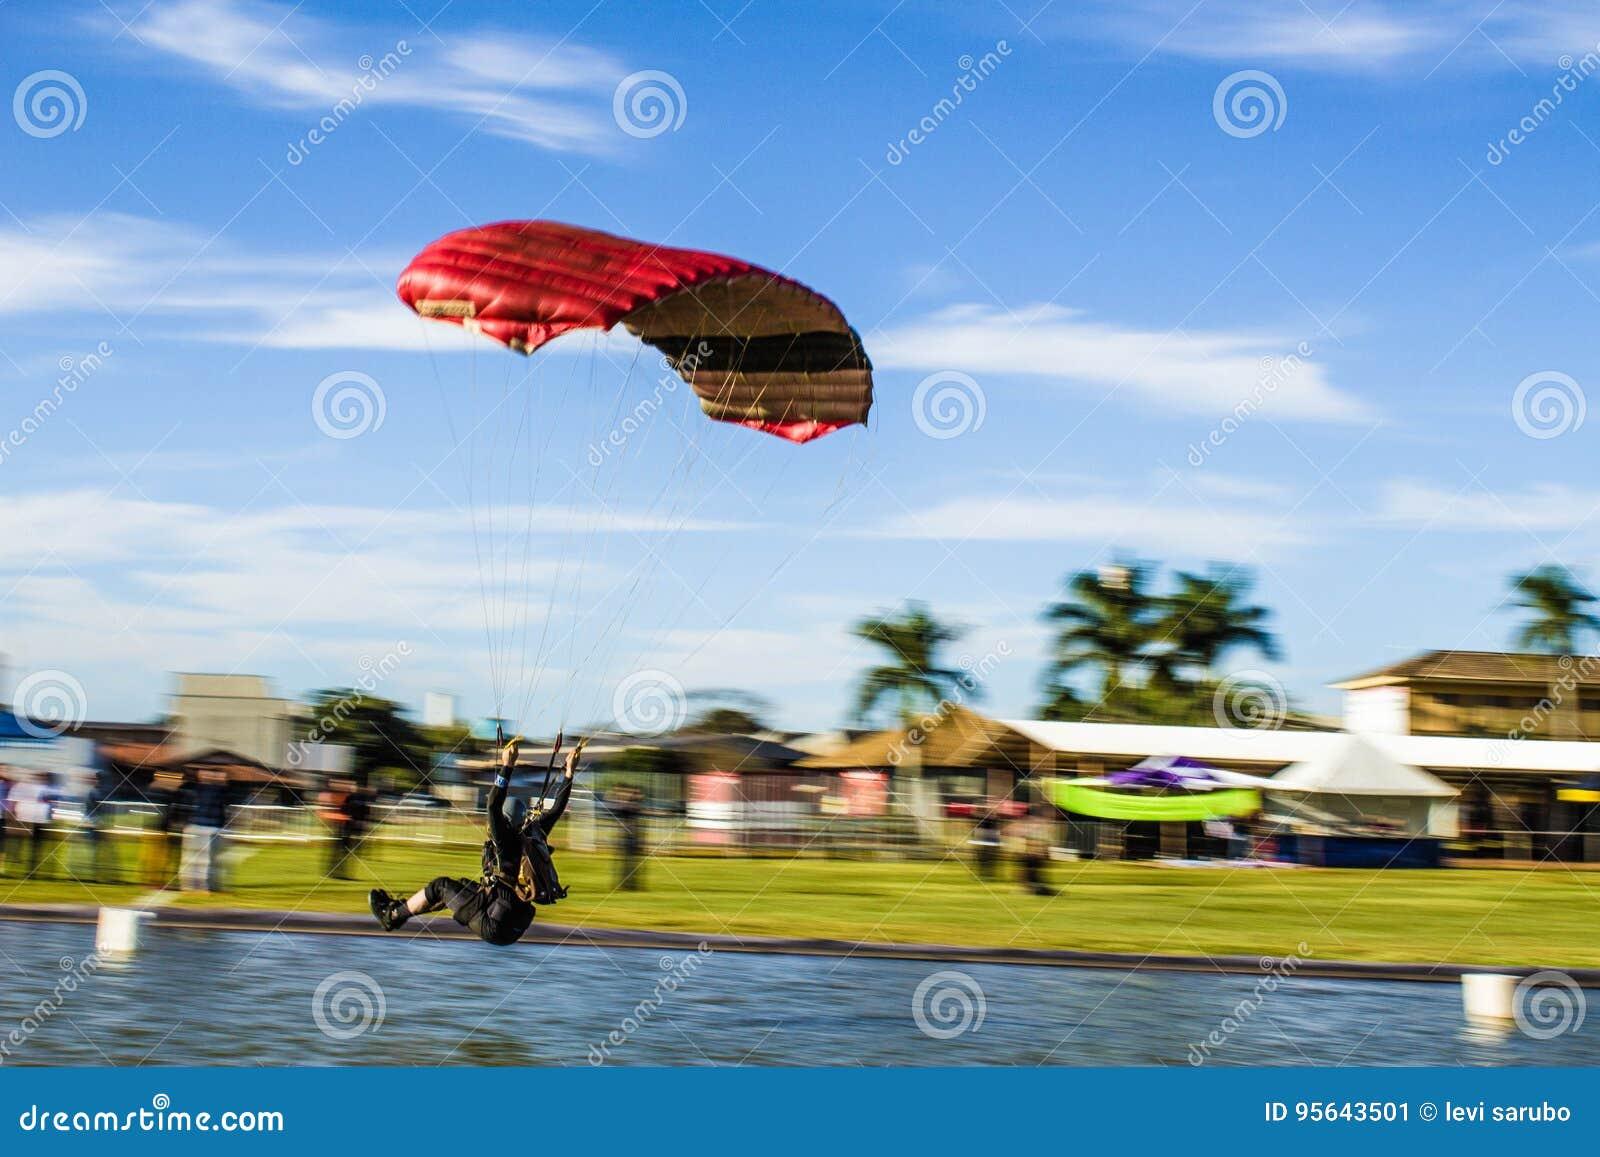 降伞着陆在水中